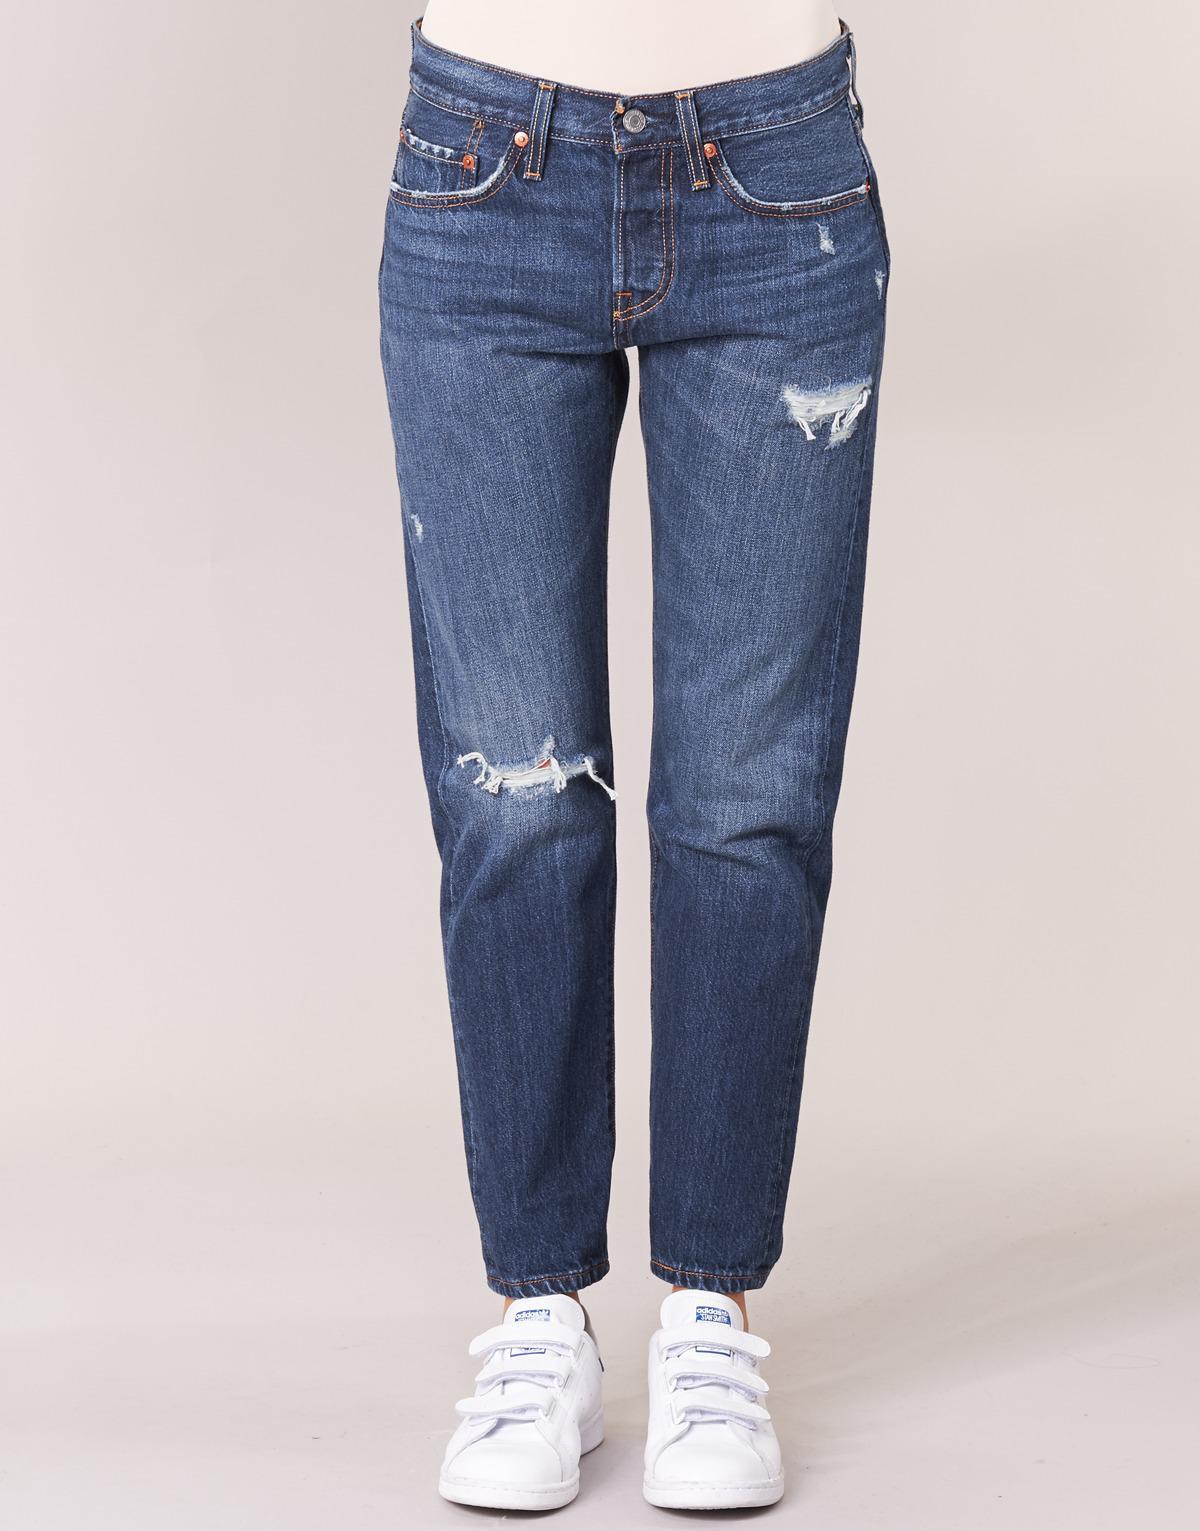 Levi's Denim 501® T Boyfriend Jeans in Blue